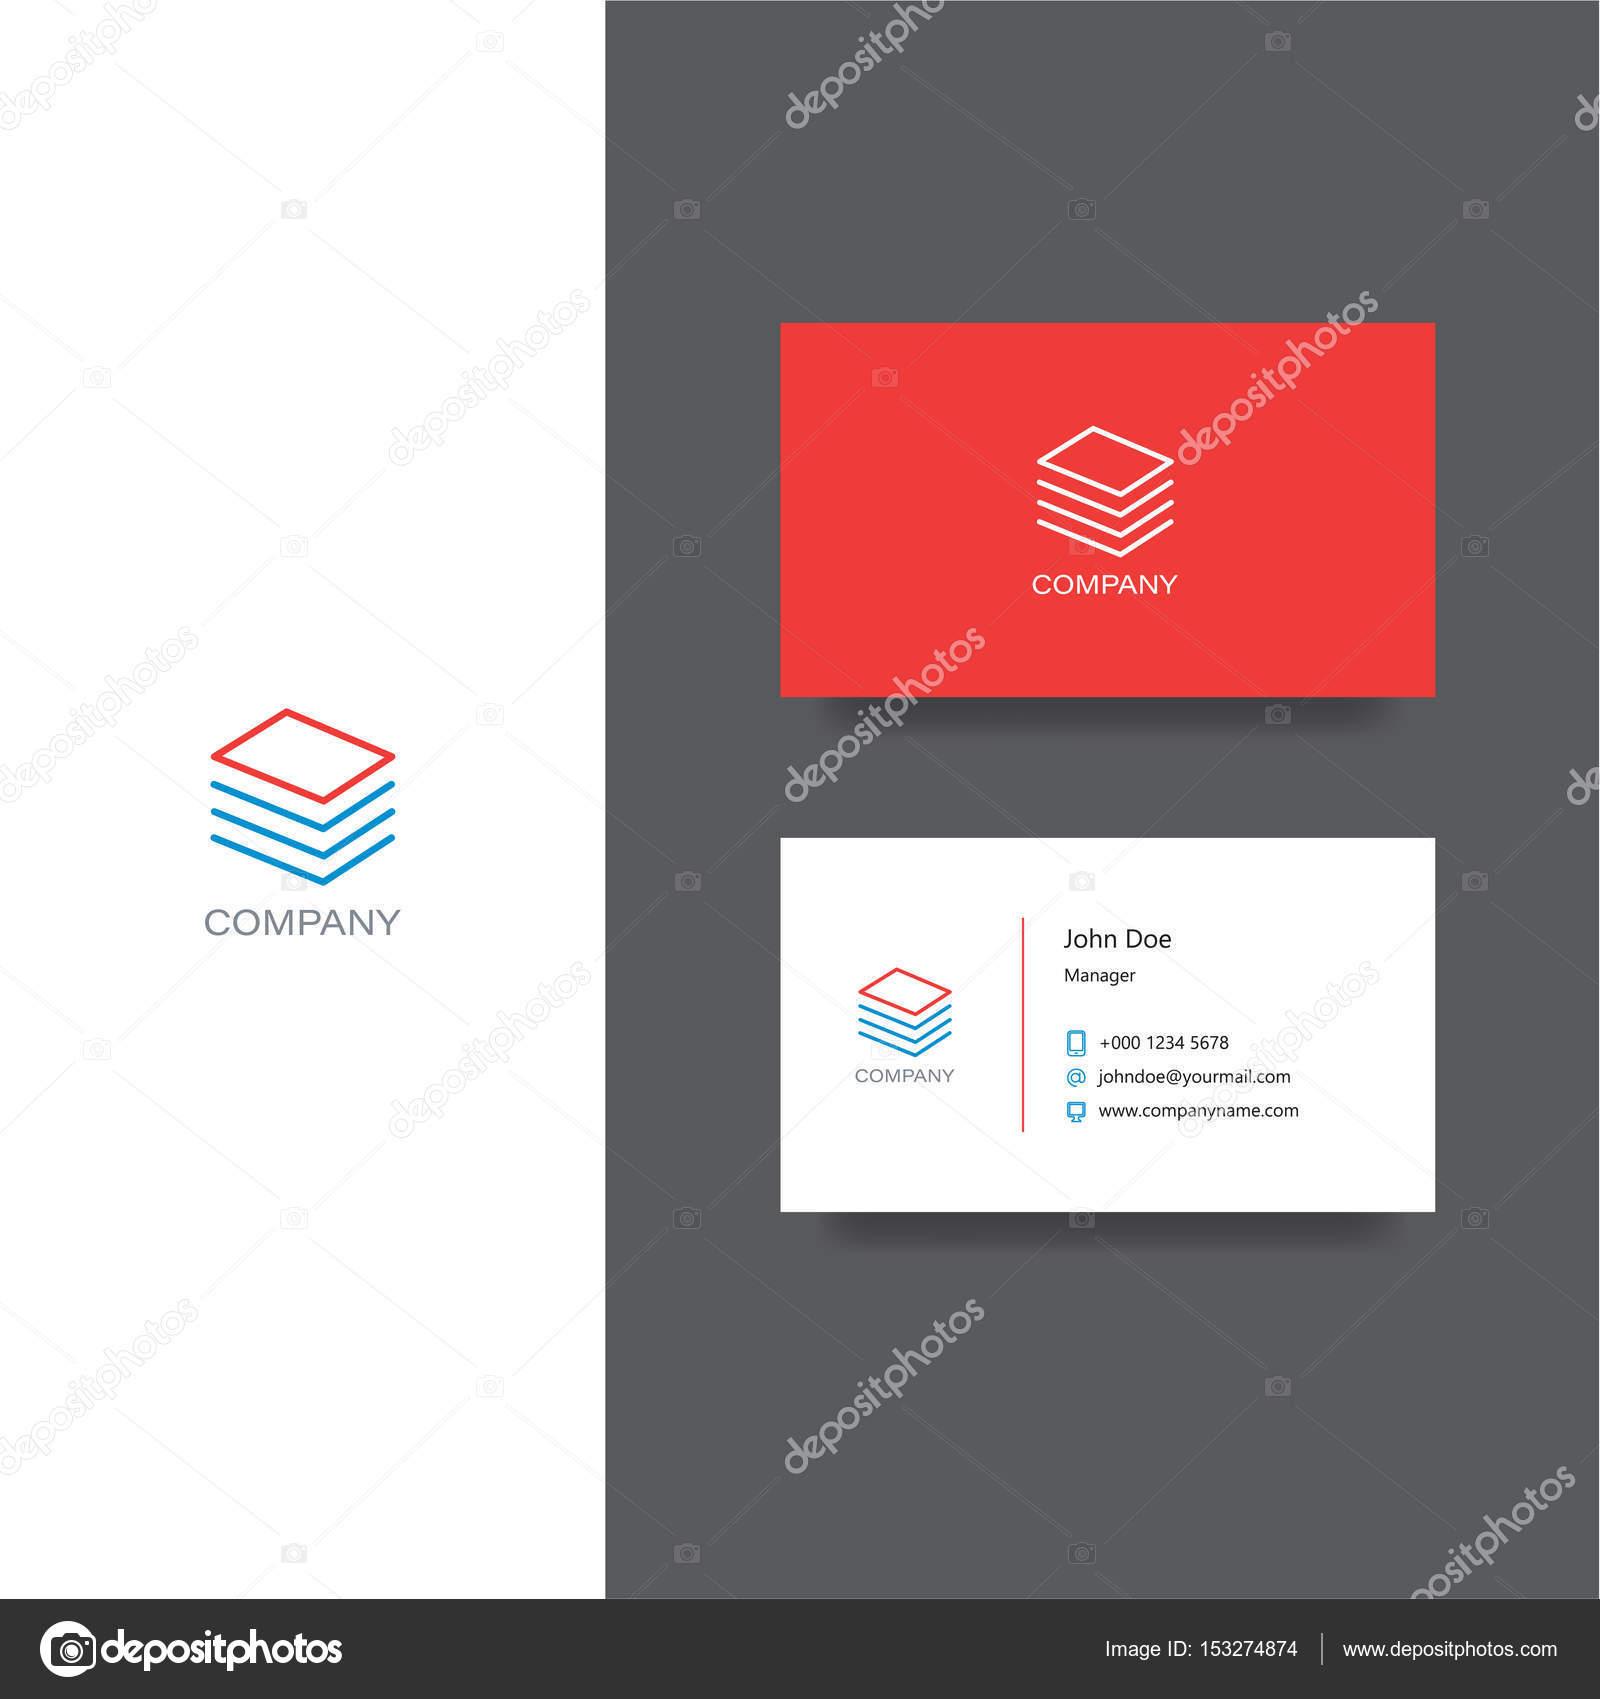 Documents Financiers De Lentreprise Logo Et Modele Carte Visite Illustration Stock